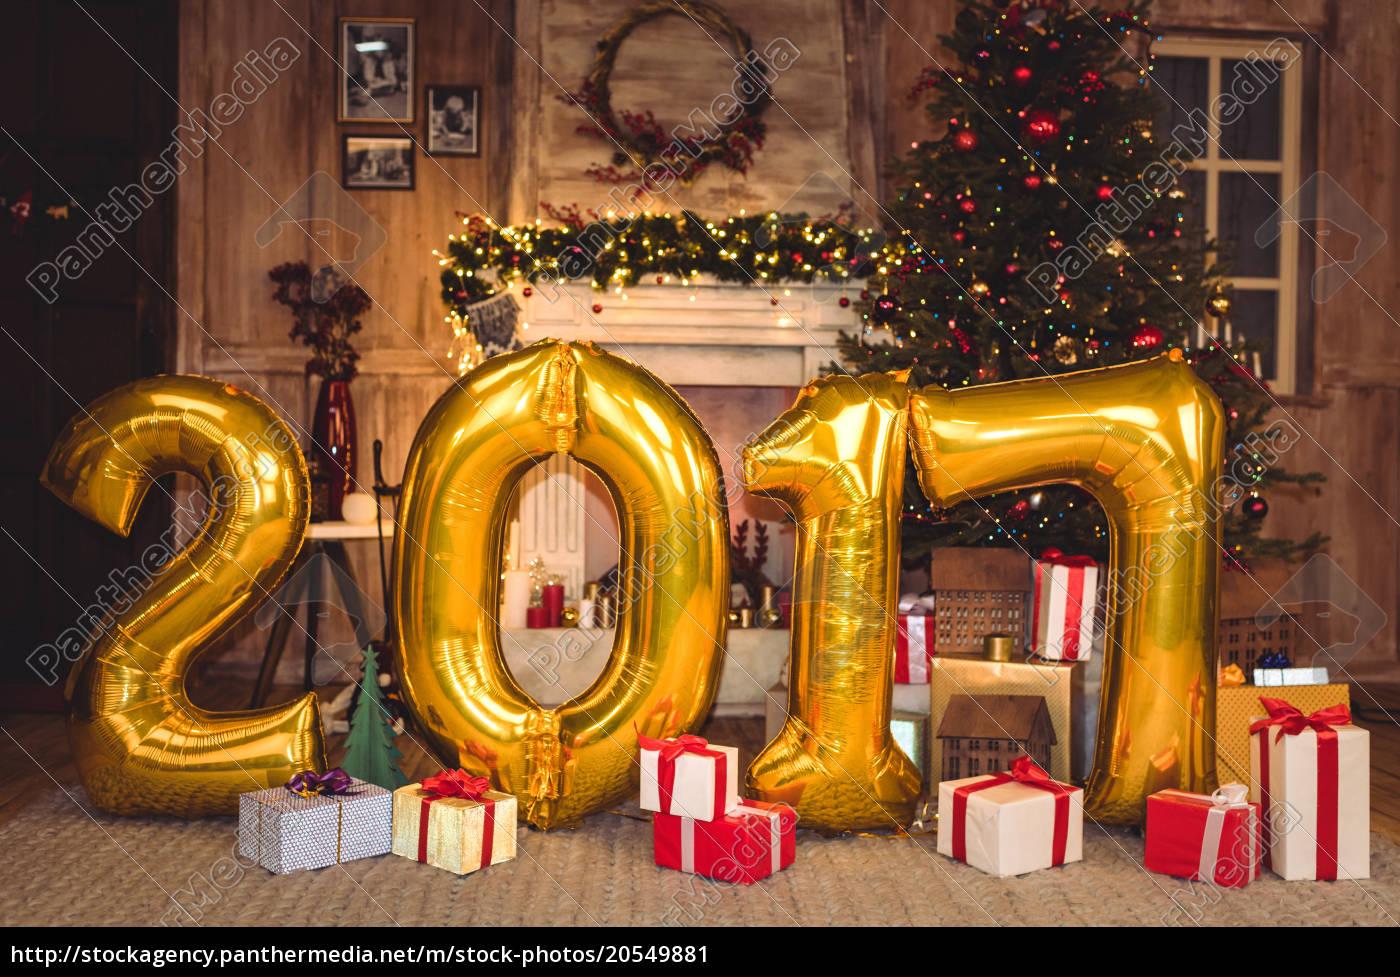 golden, 2017, sign, balloons - 20549881